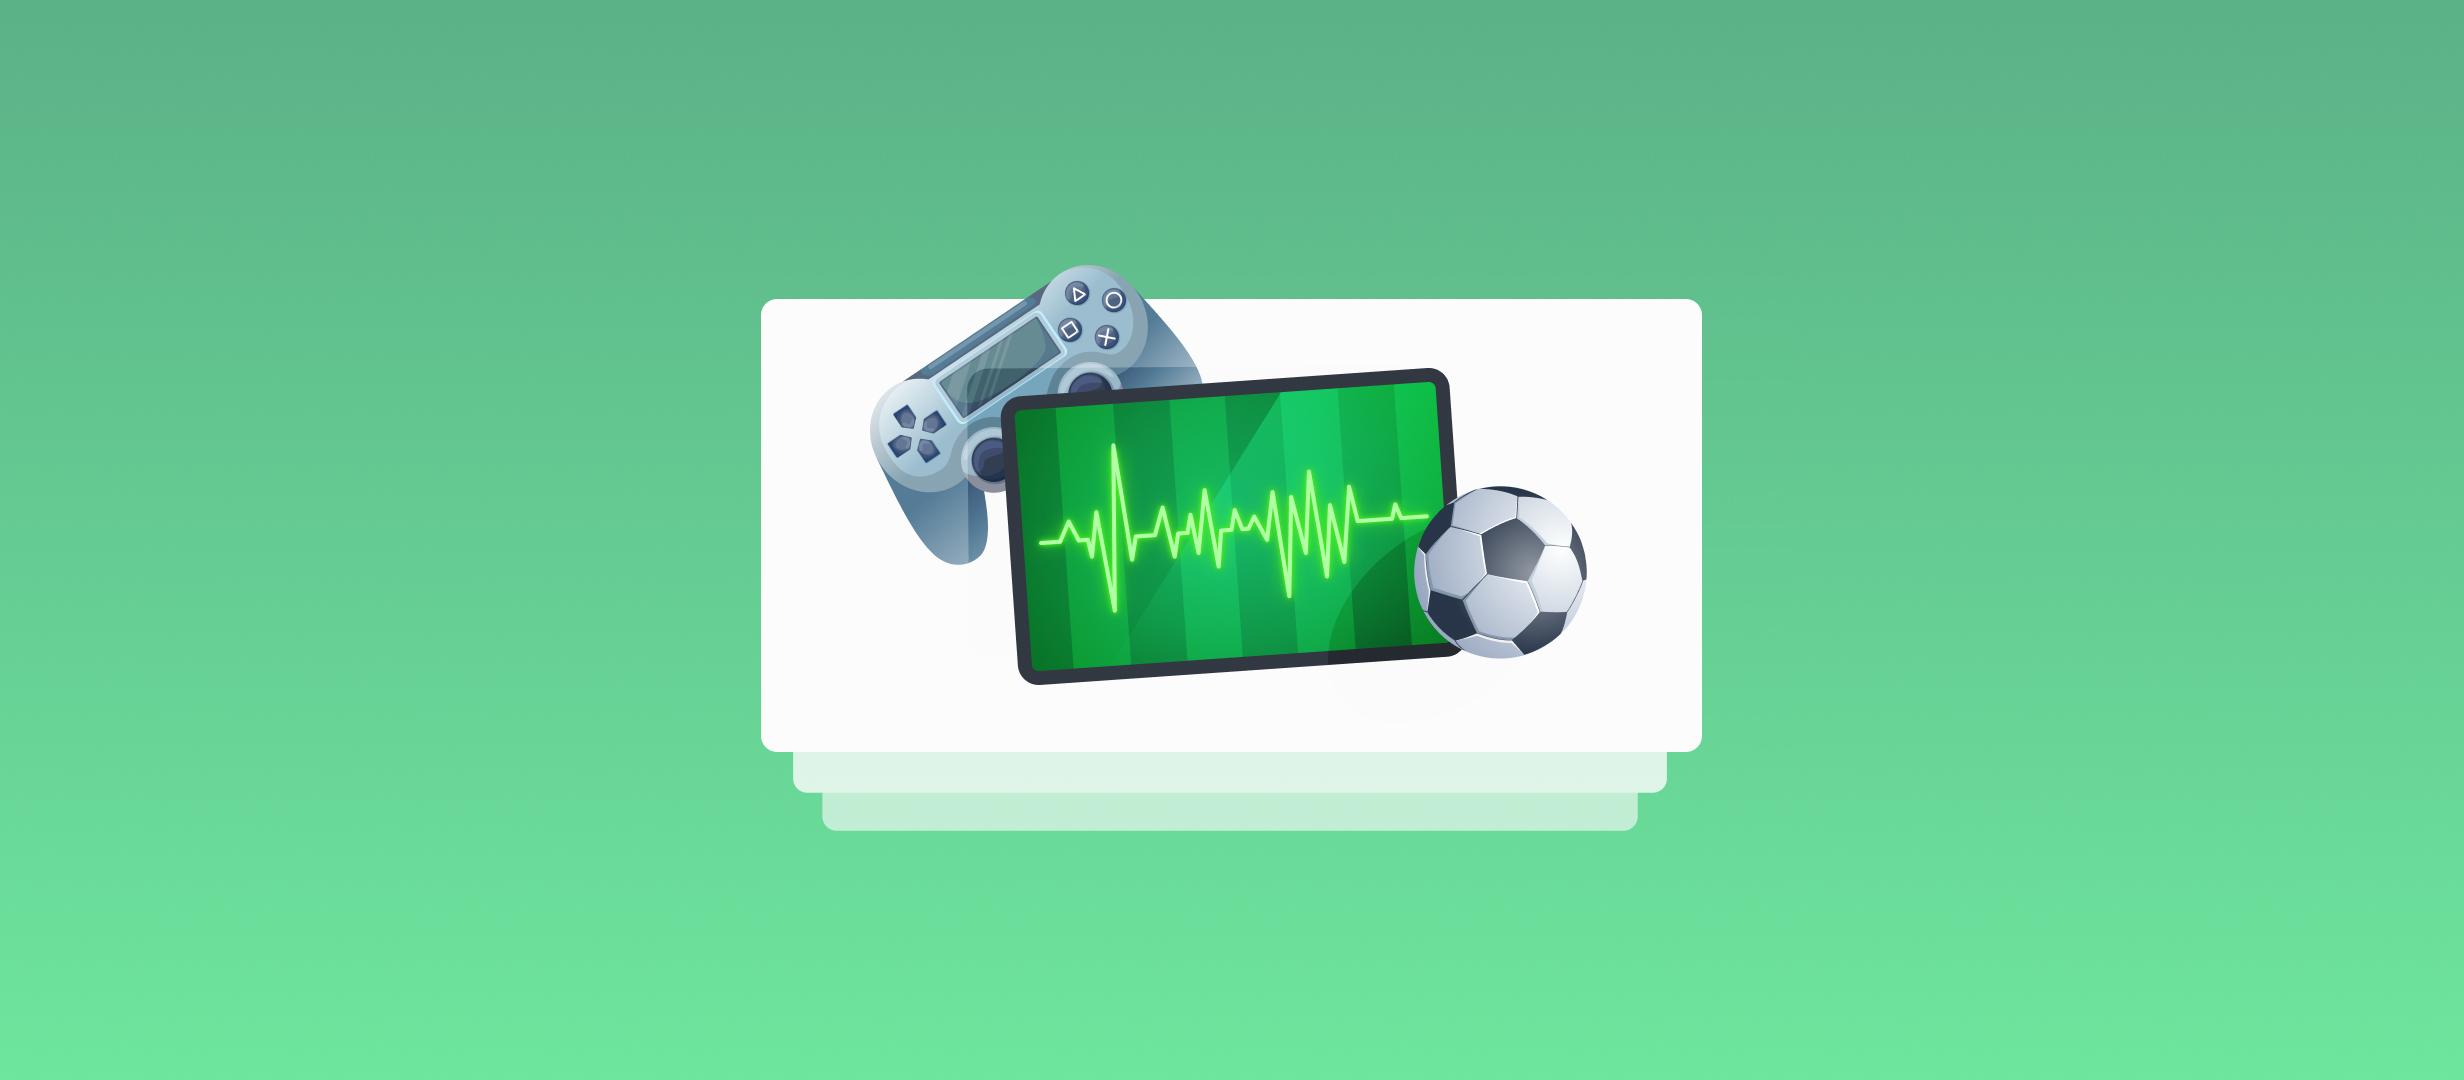 Во время трансляций ESportsBattle стало возможно следить за пульсом спортсменов